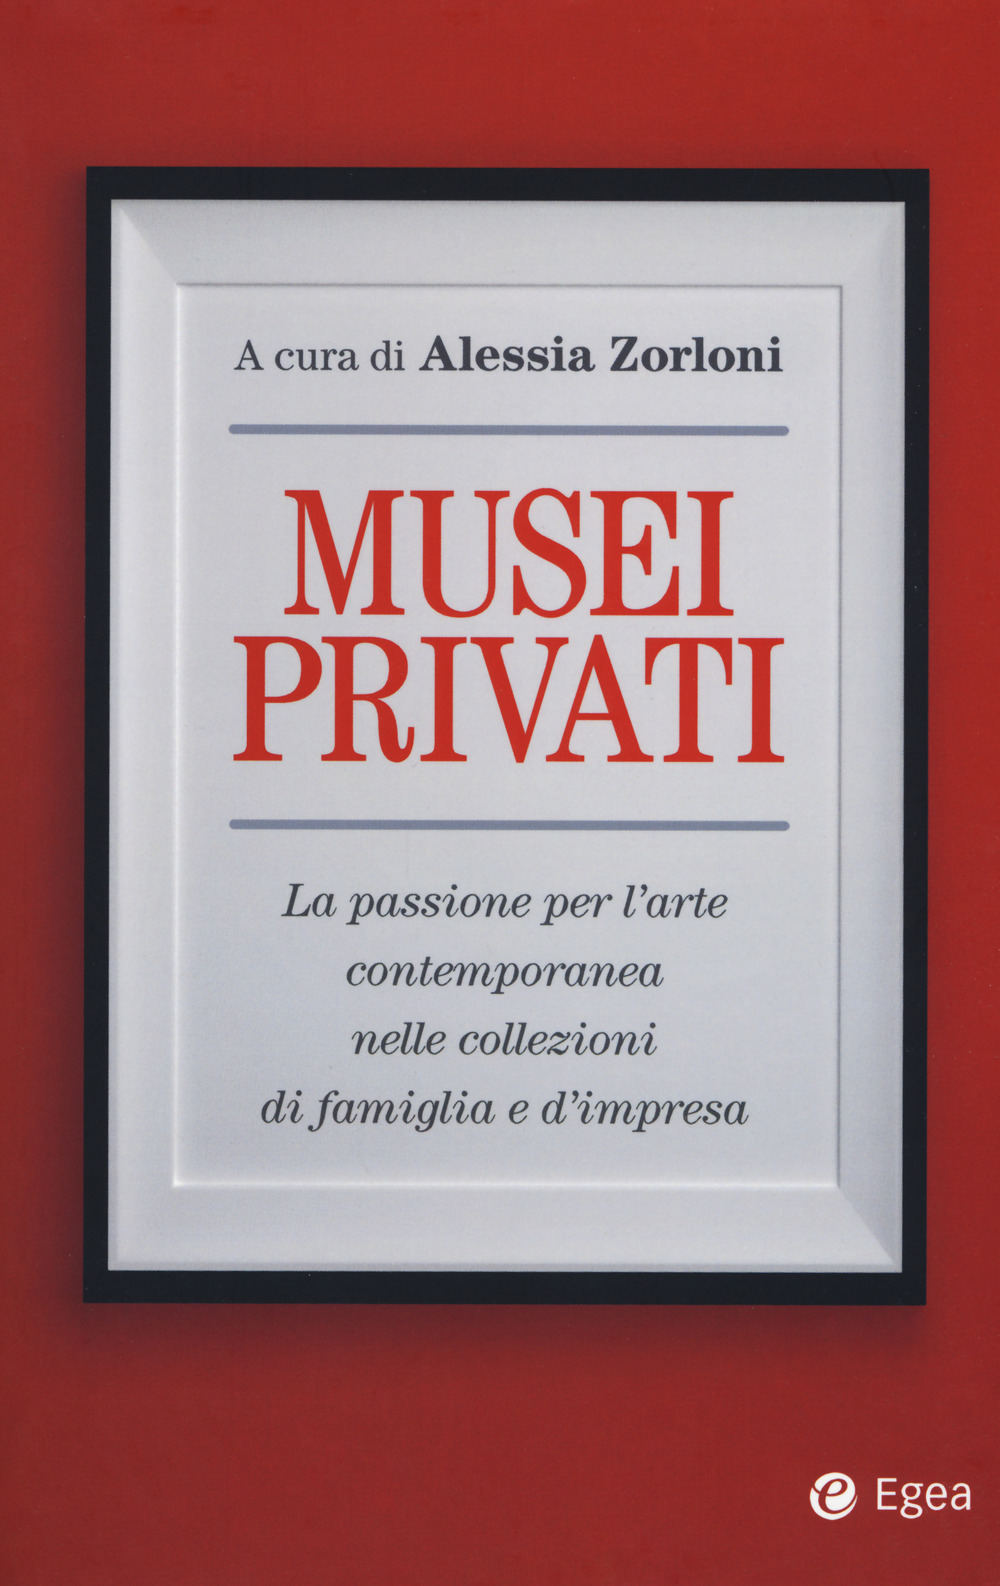 Image of Musei privati